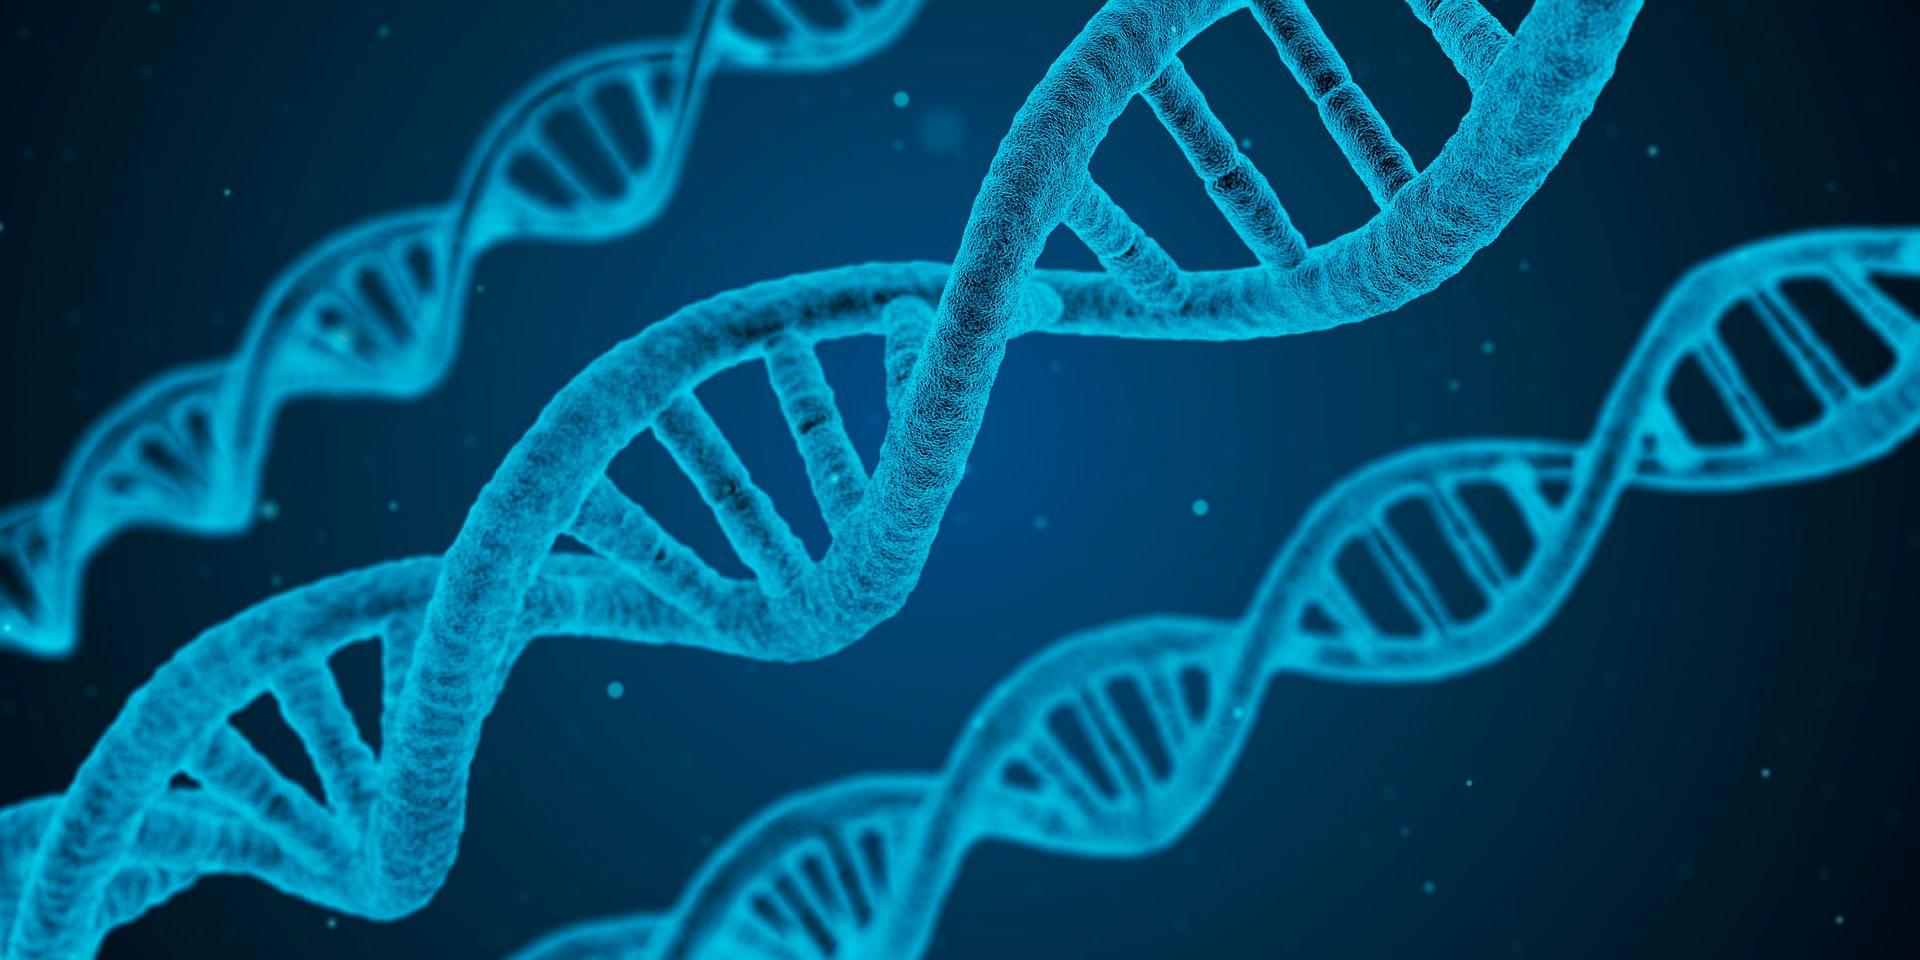 Células sobre un fondo en azul